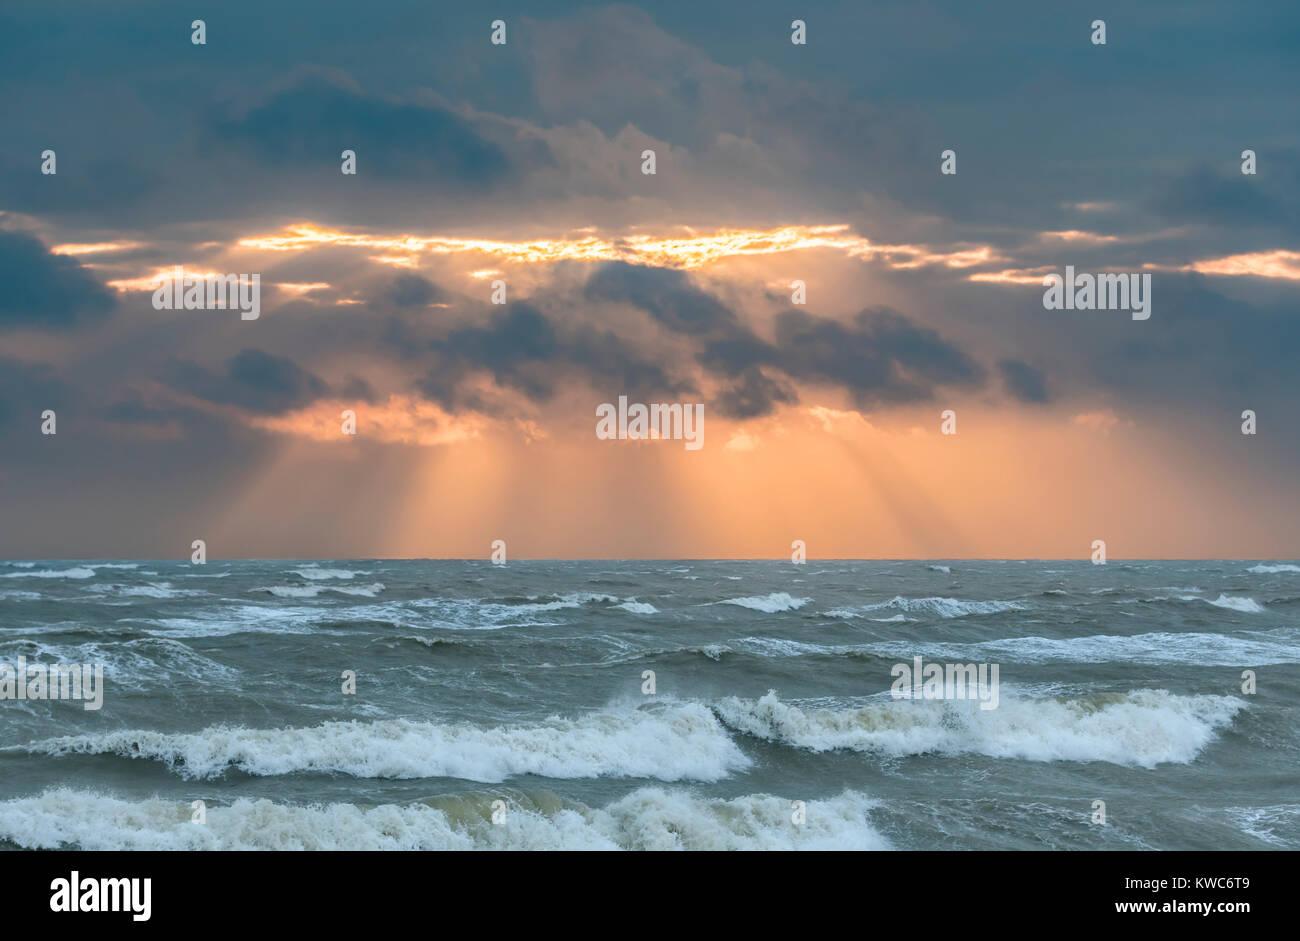 Soleil caché par les nuages bas avec rayons soleils montrant sur une mer agitée en hiver au Royaume-Uni. Photo Stock